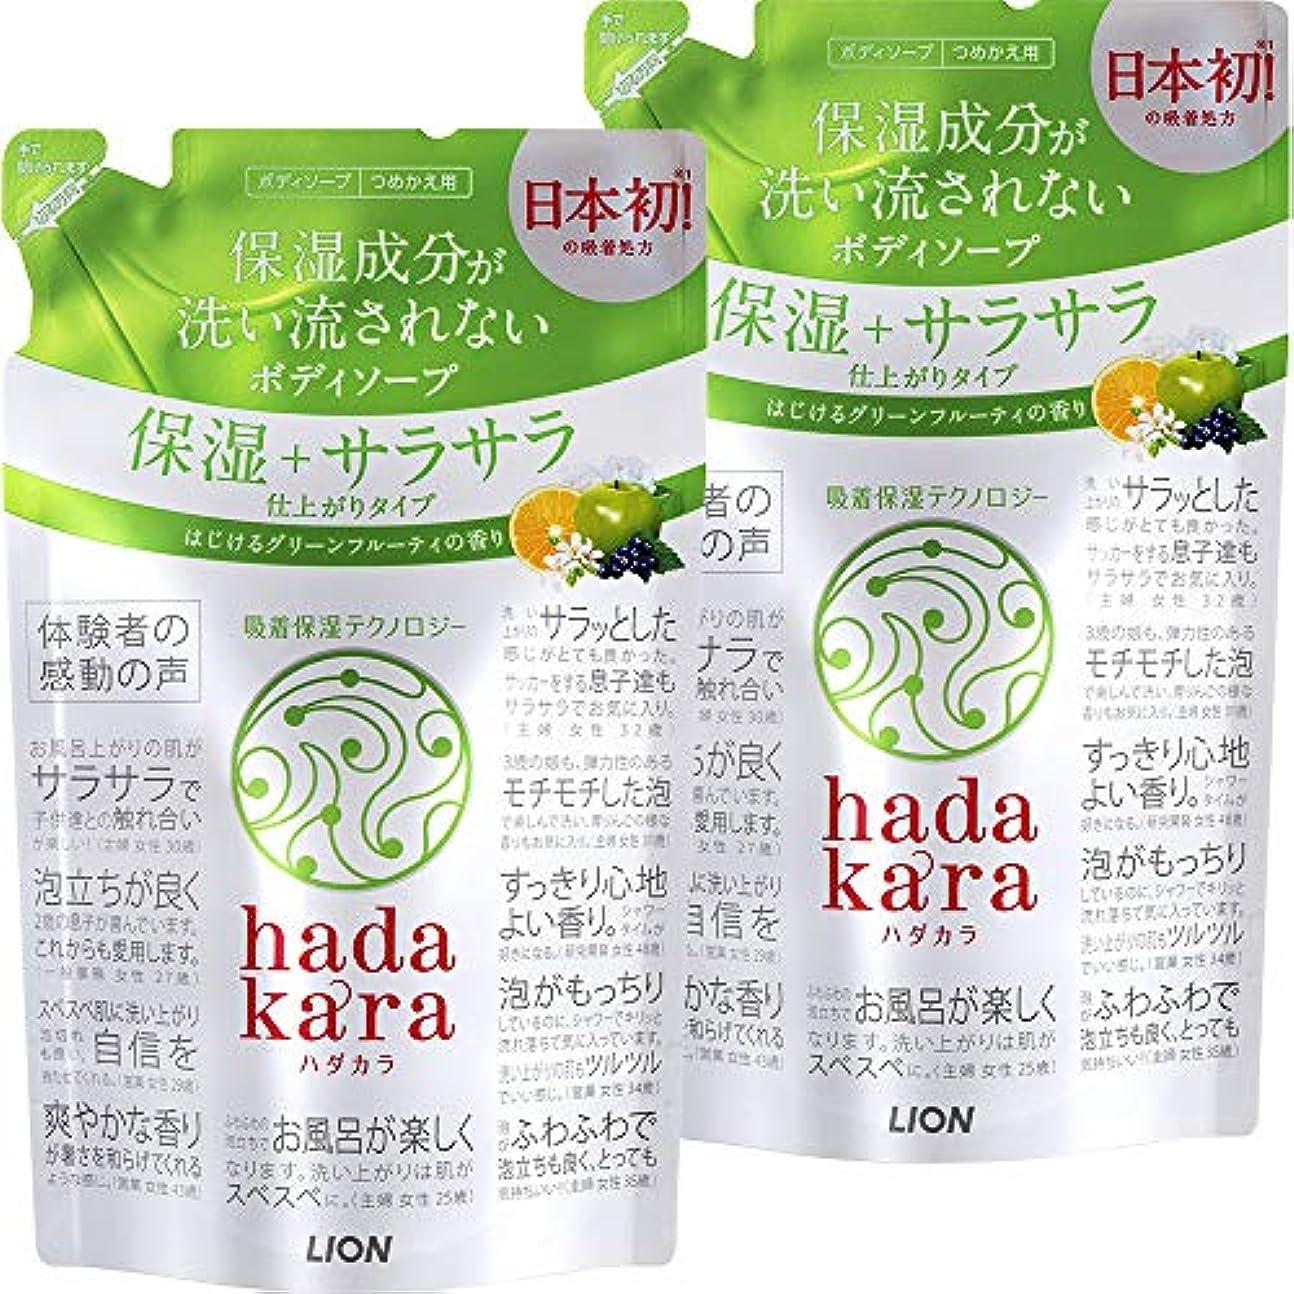 適応タンパク質快い【まとめ買い】hadakara(ハダカラ) ボディソープ 保湿+サラサラ仕上がりタイプ グリーンフルーティの香り 詰め替え 340ml×2個パック